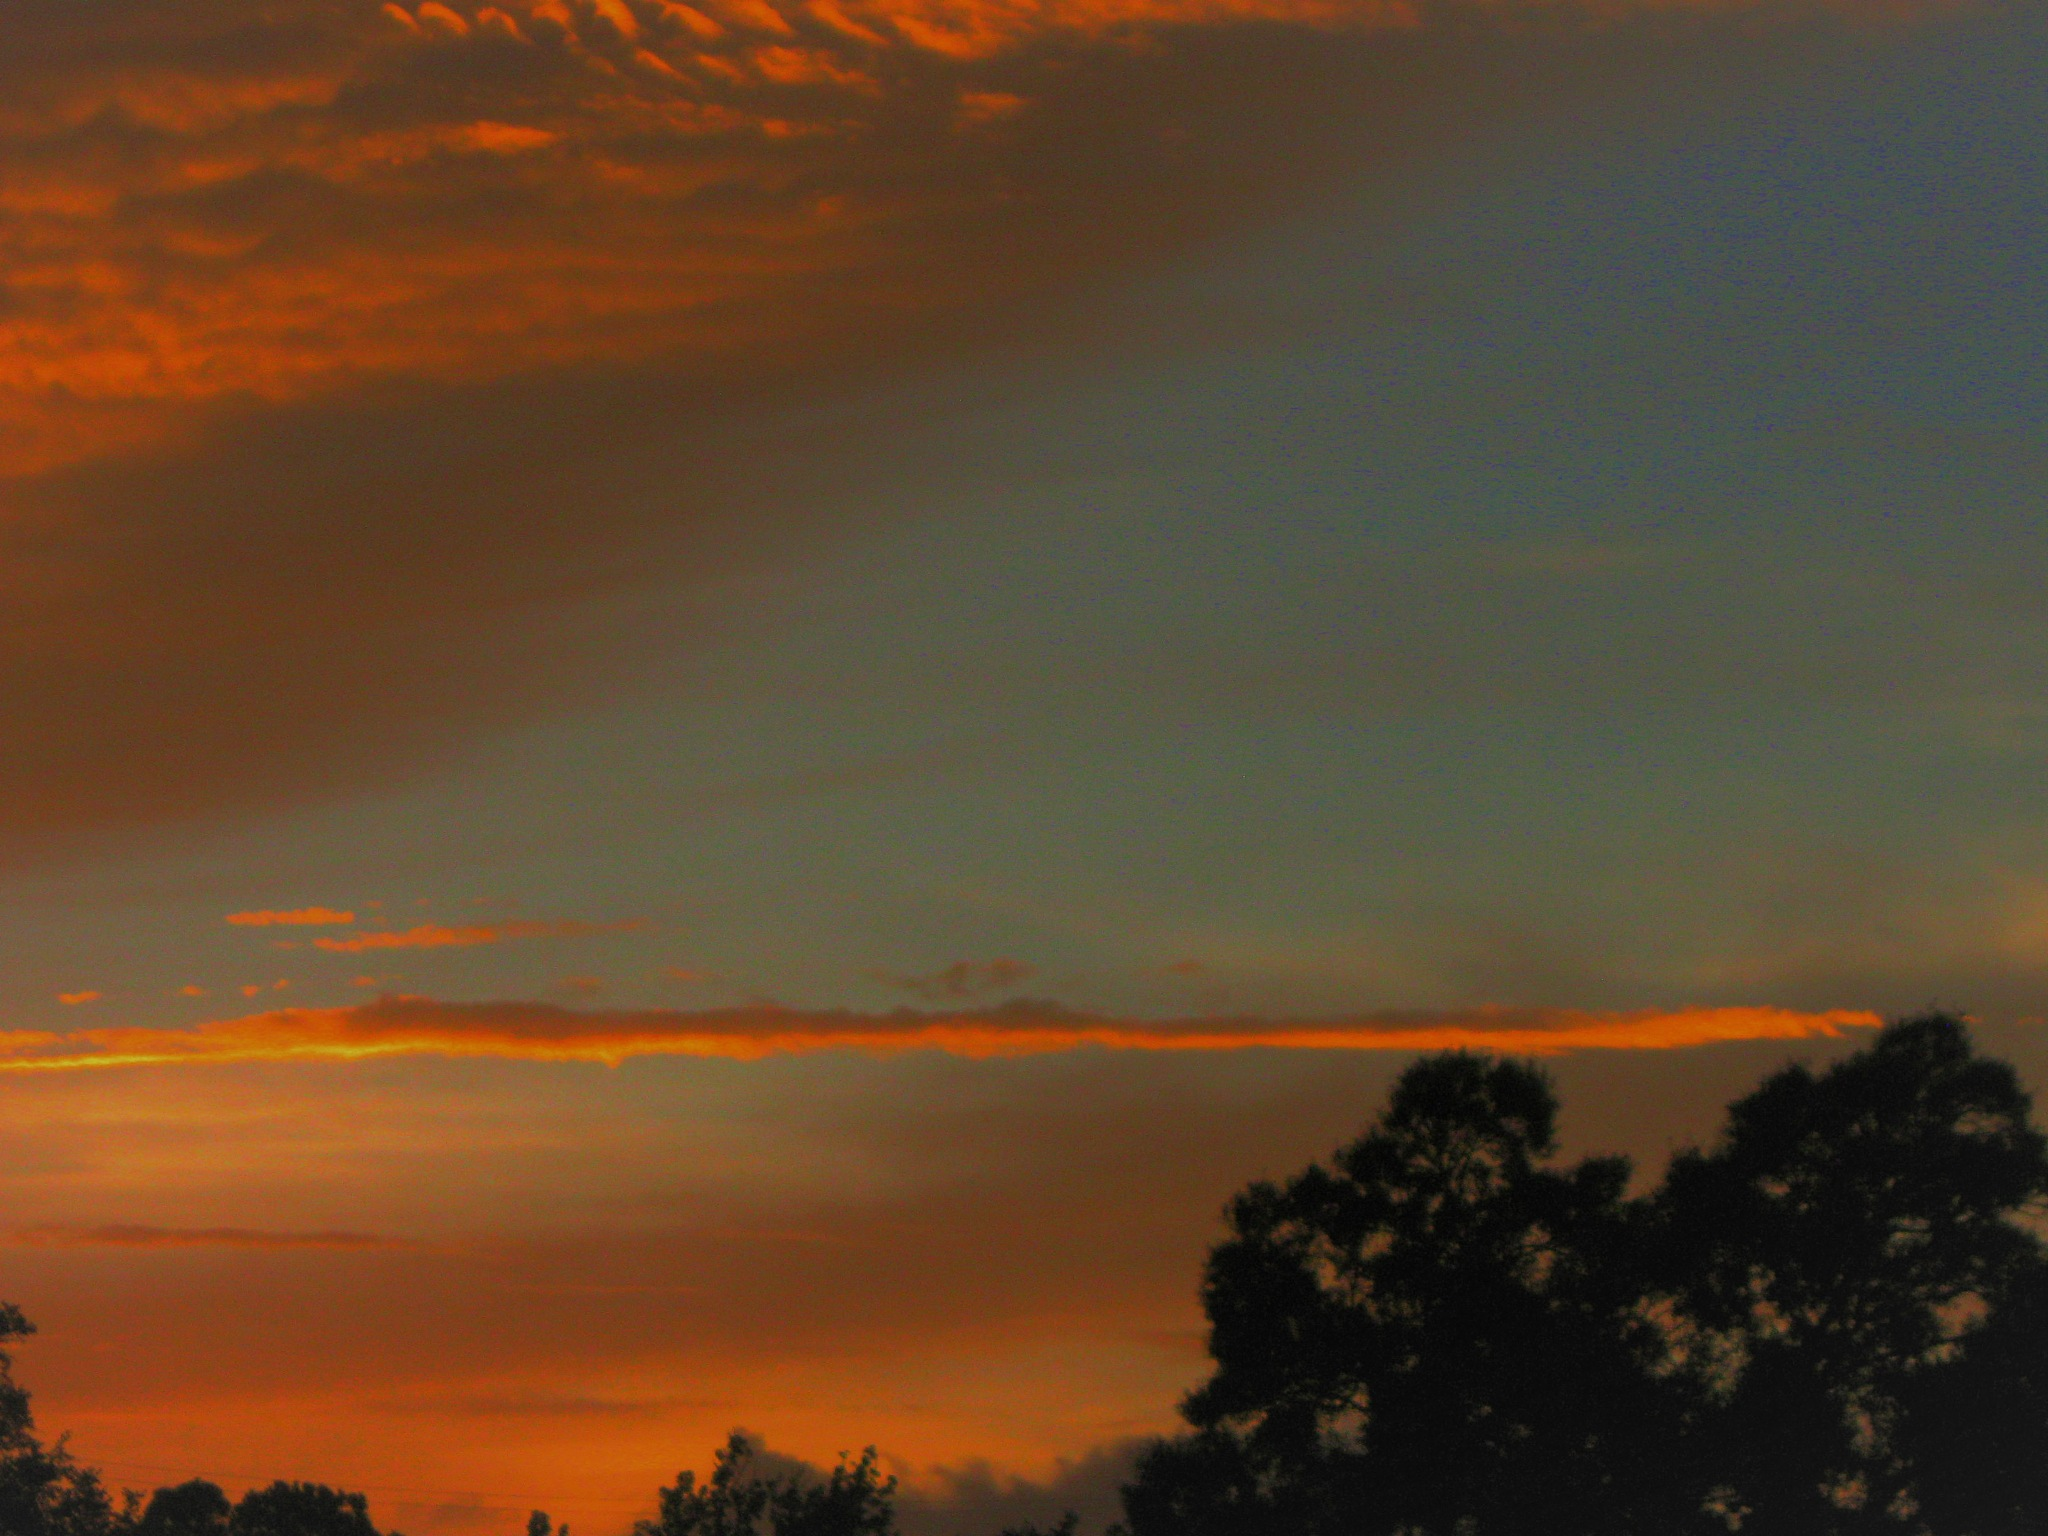 Sundown ___ by Judson DeRouen